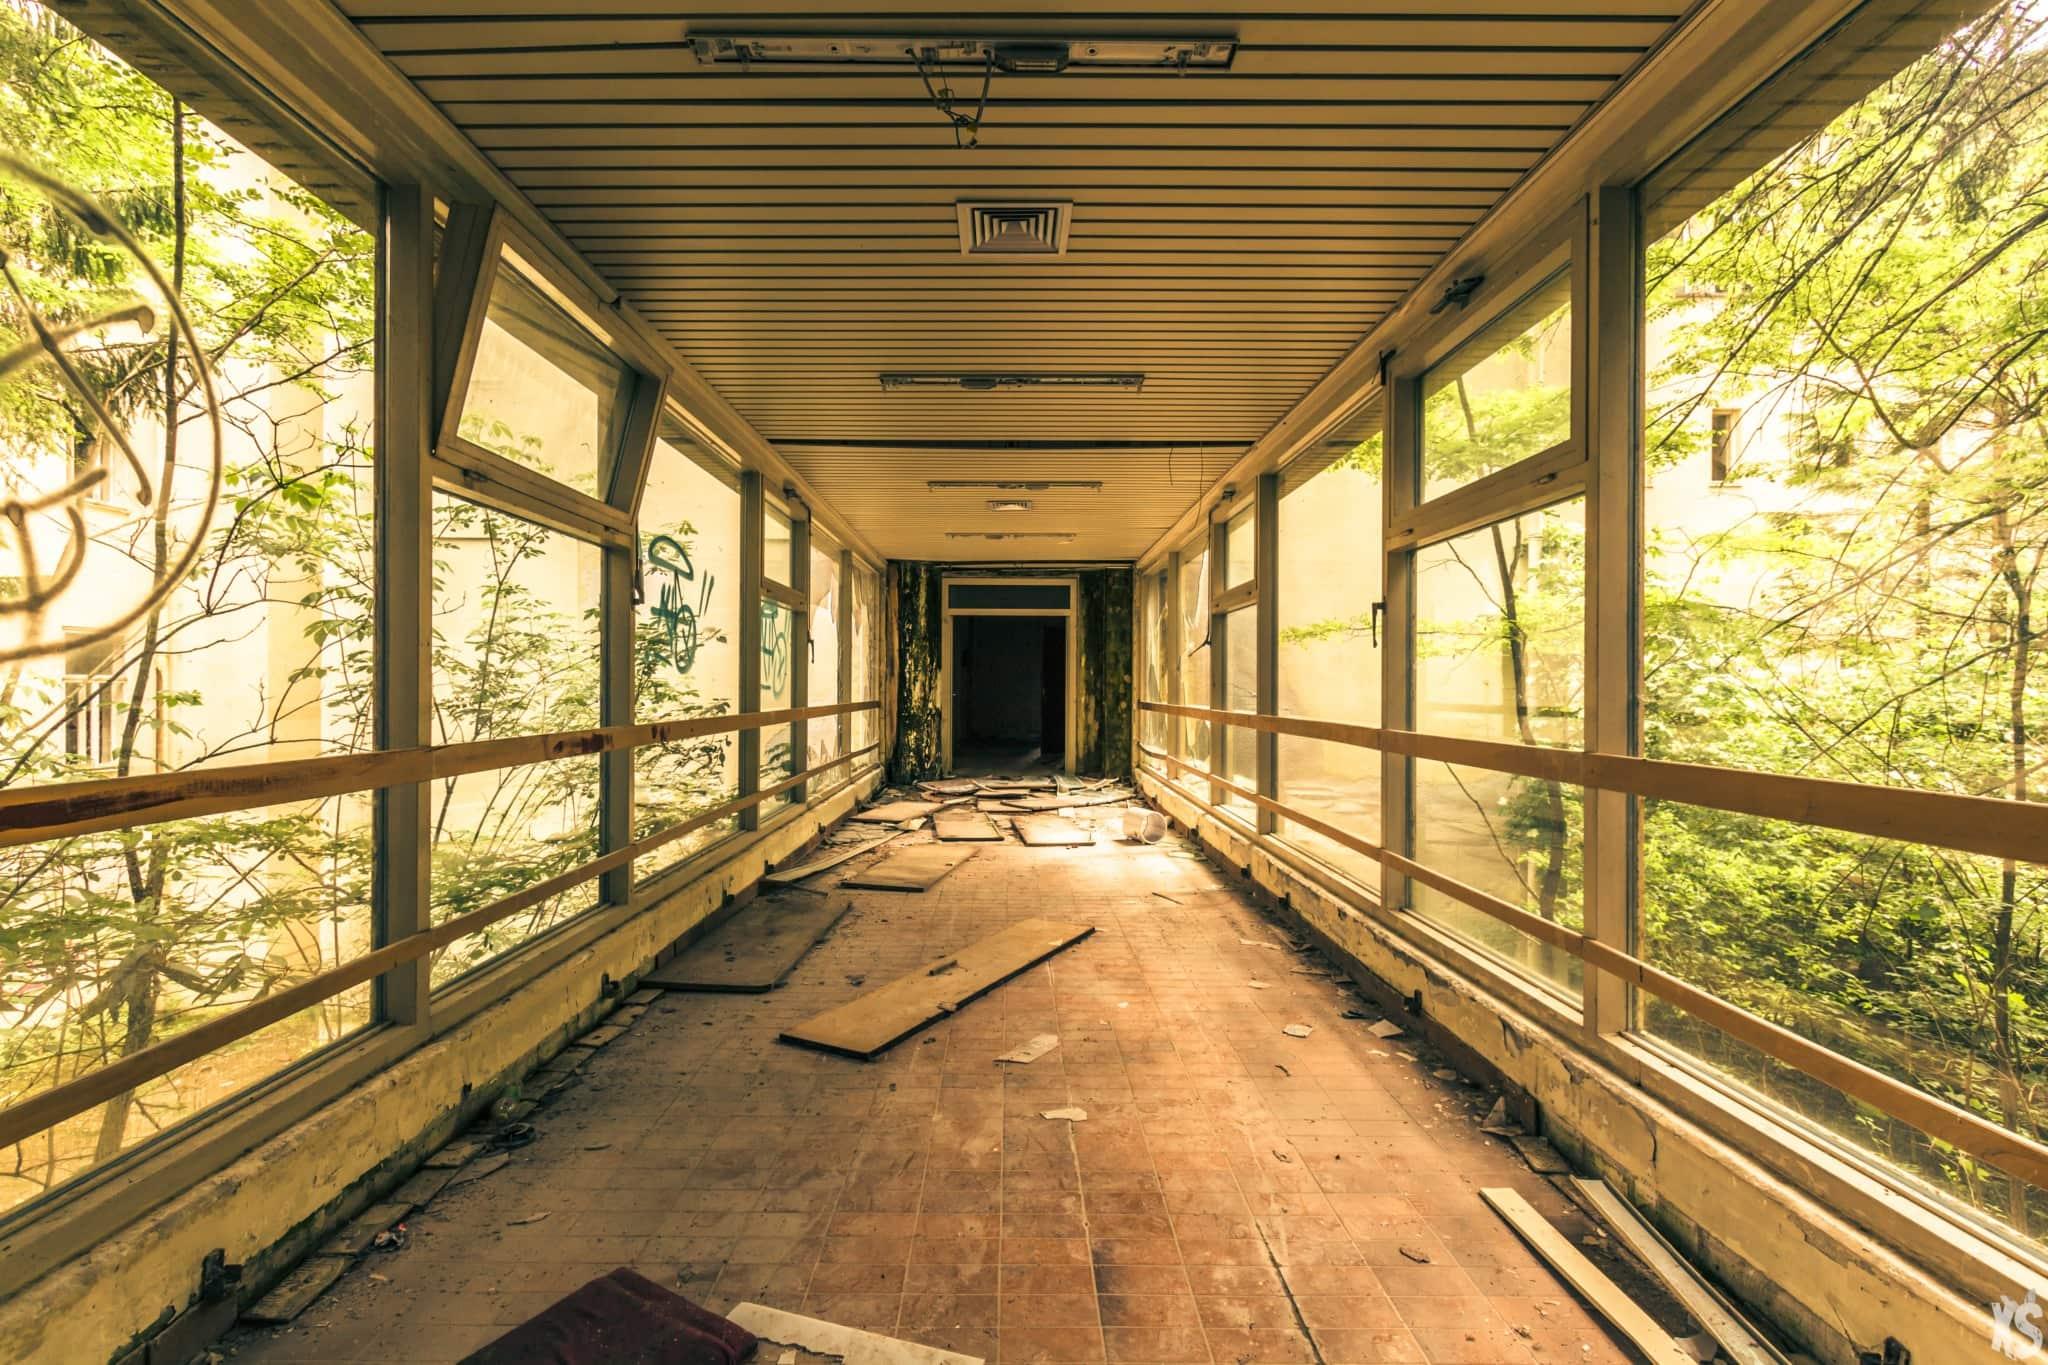 sanatorium-wienerwald-11